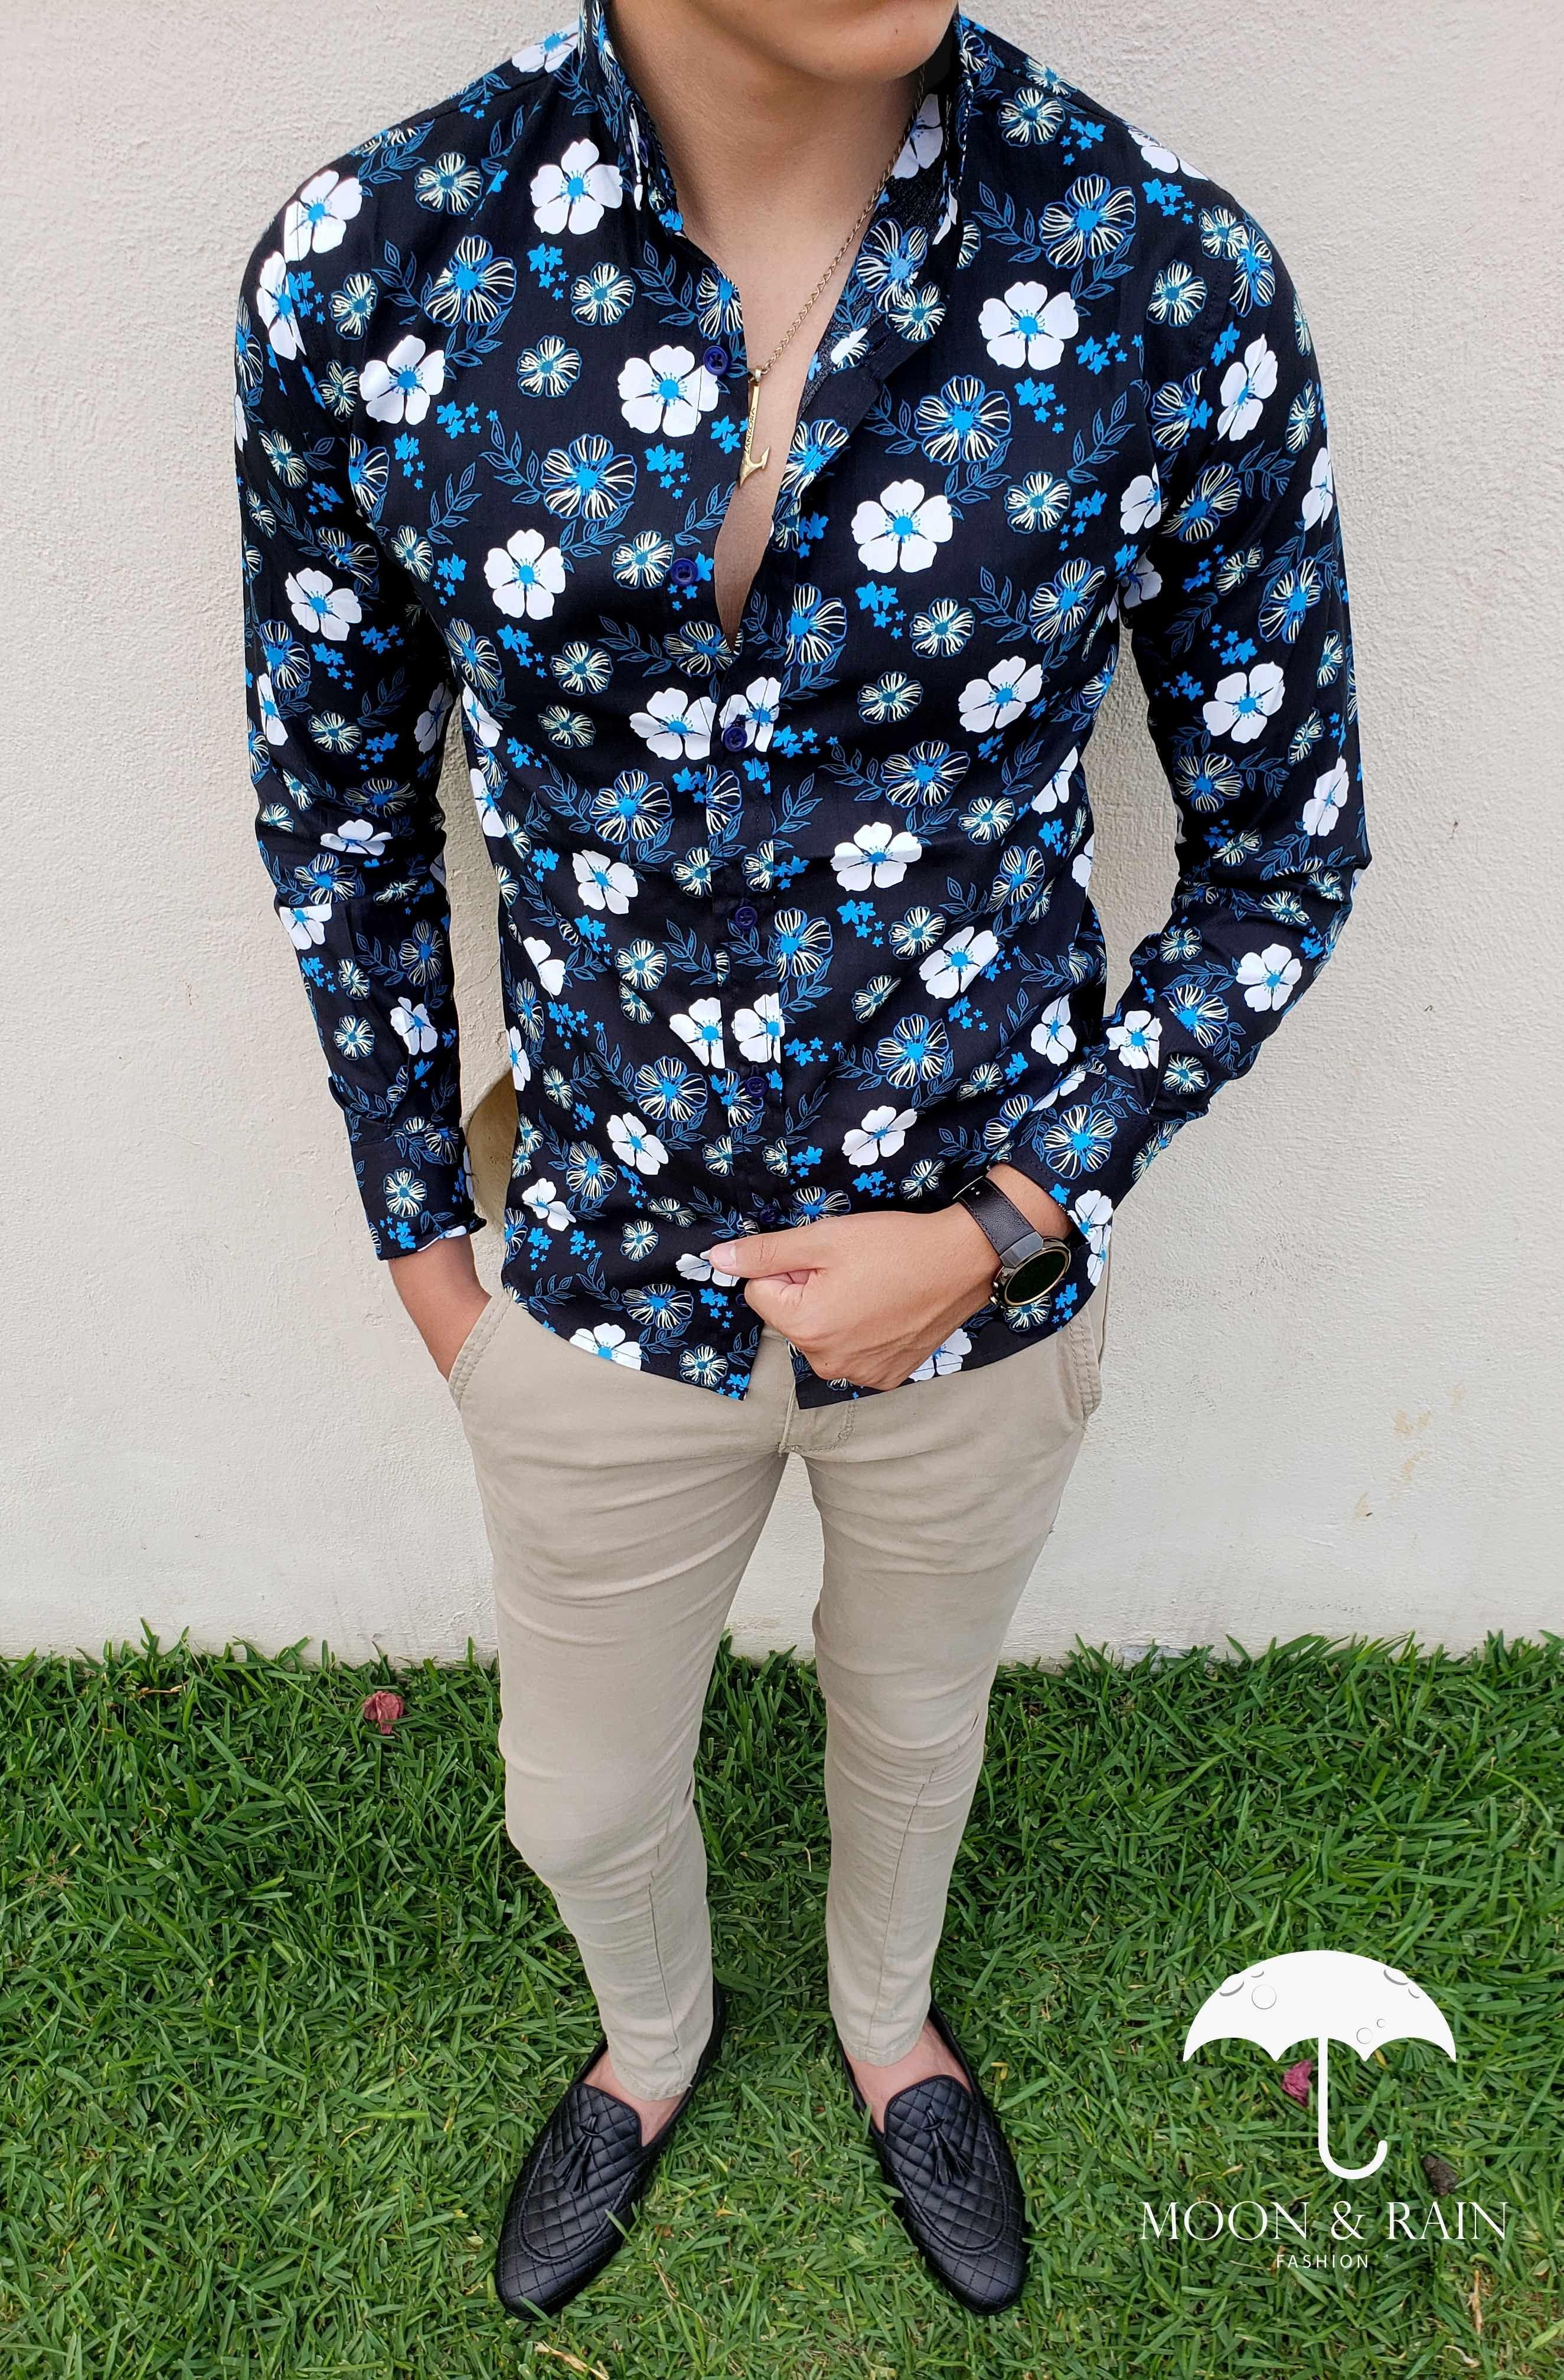 f64f1b5b28 Camisa slim fit negra para hombre de flores blancas